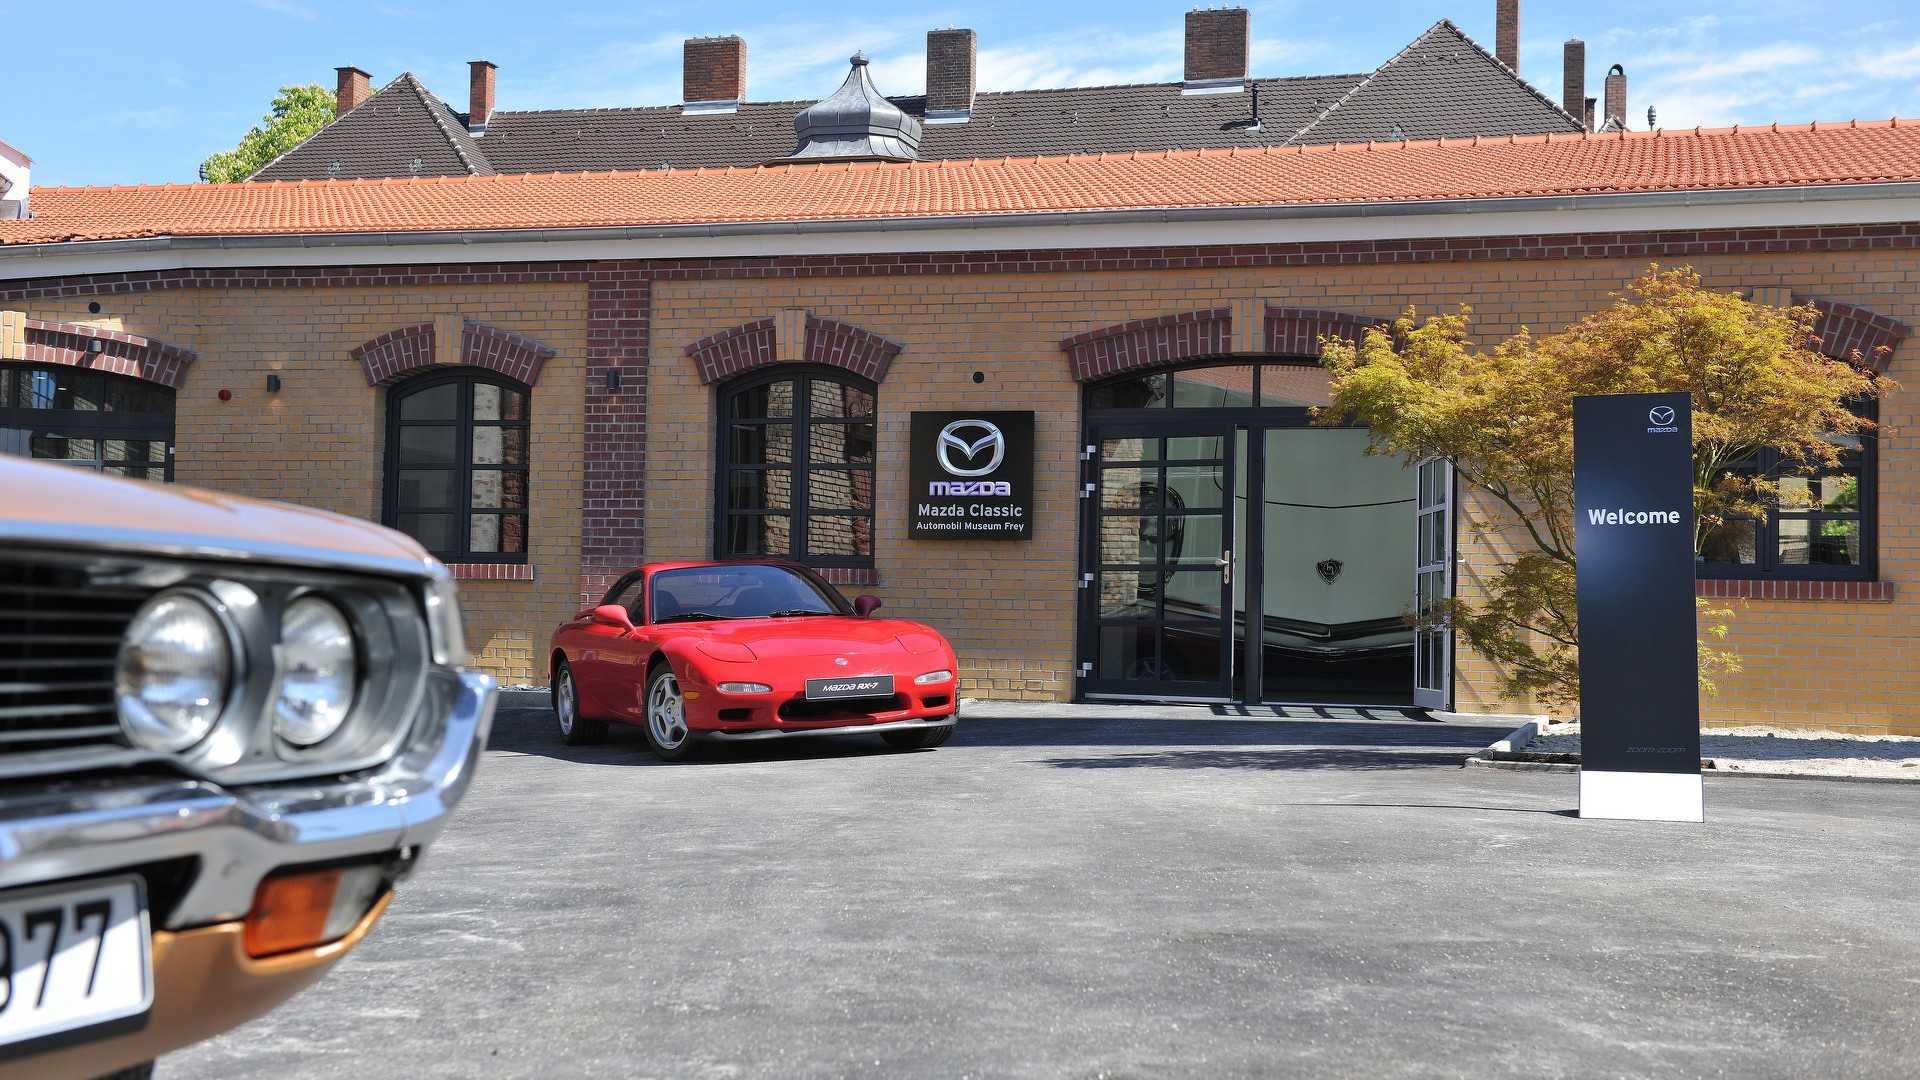 Mazda_classic_car_museum_04